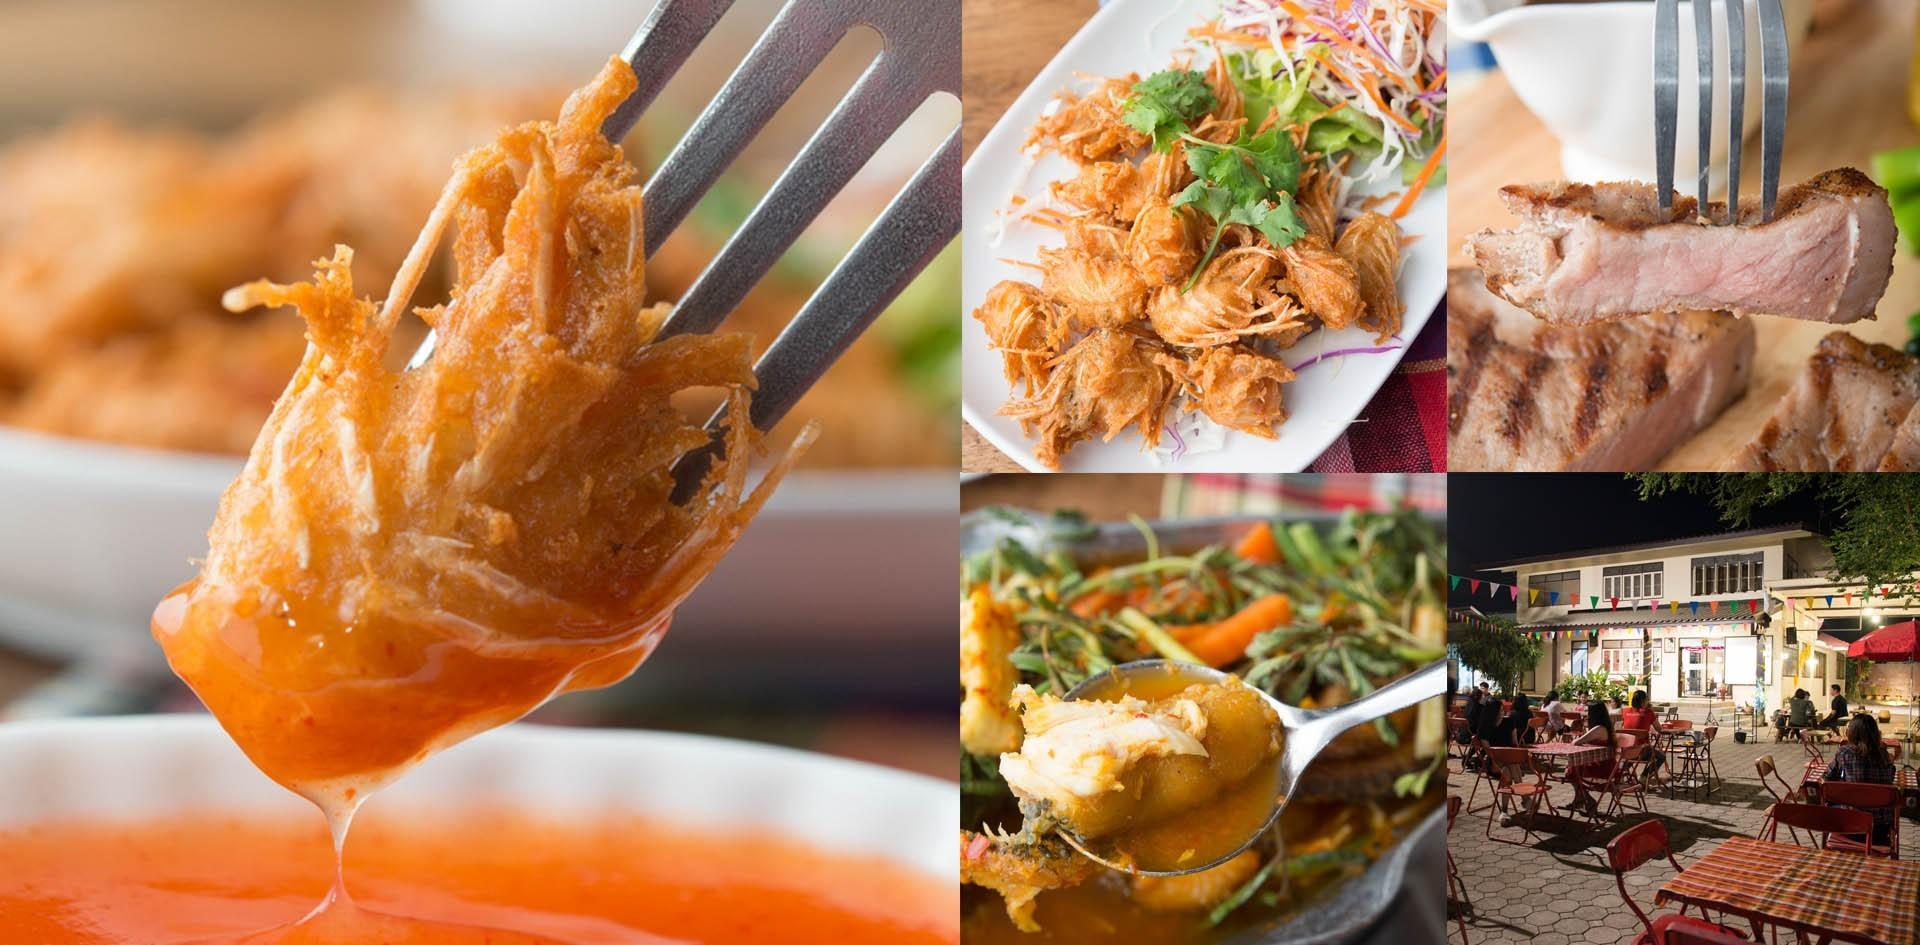 เปิดแล้ว! ร้านอาหารสุดชิลล์ ฟินทุกจาน ใส่ใจทุกรายละเอียด @khonkaen